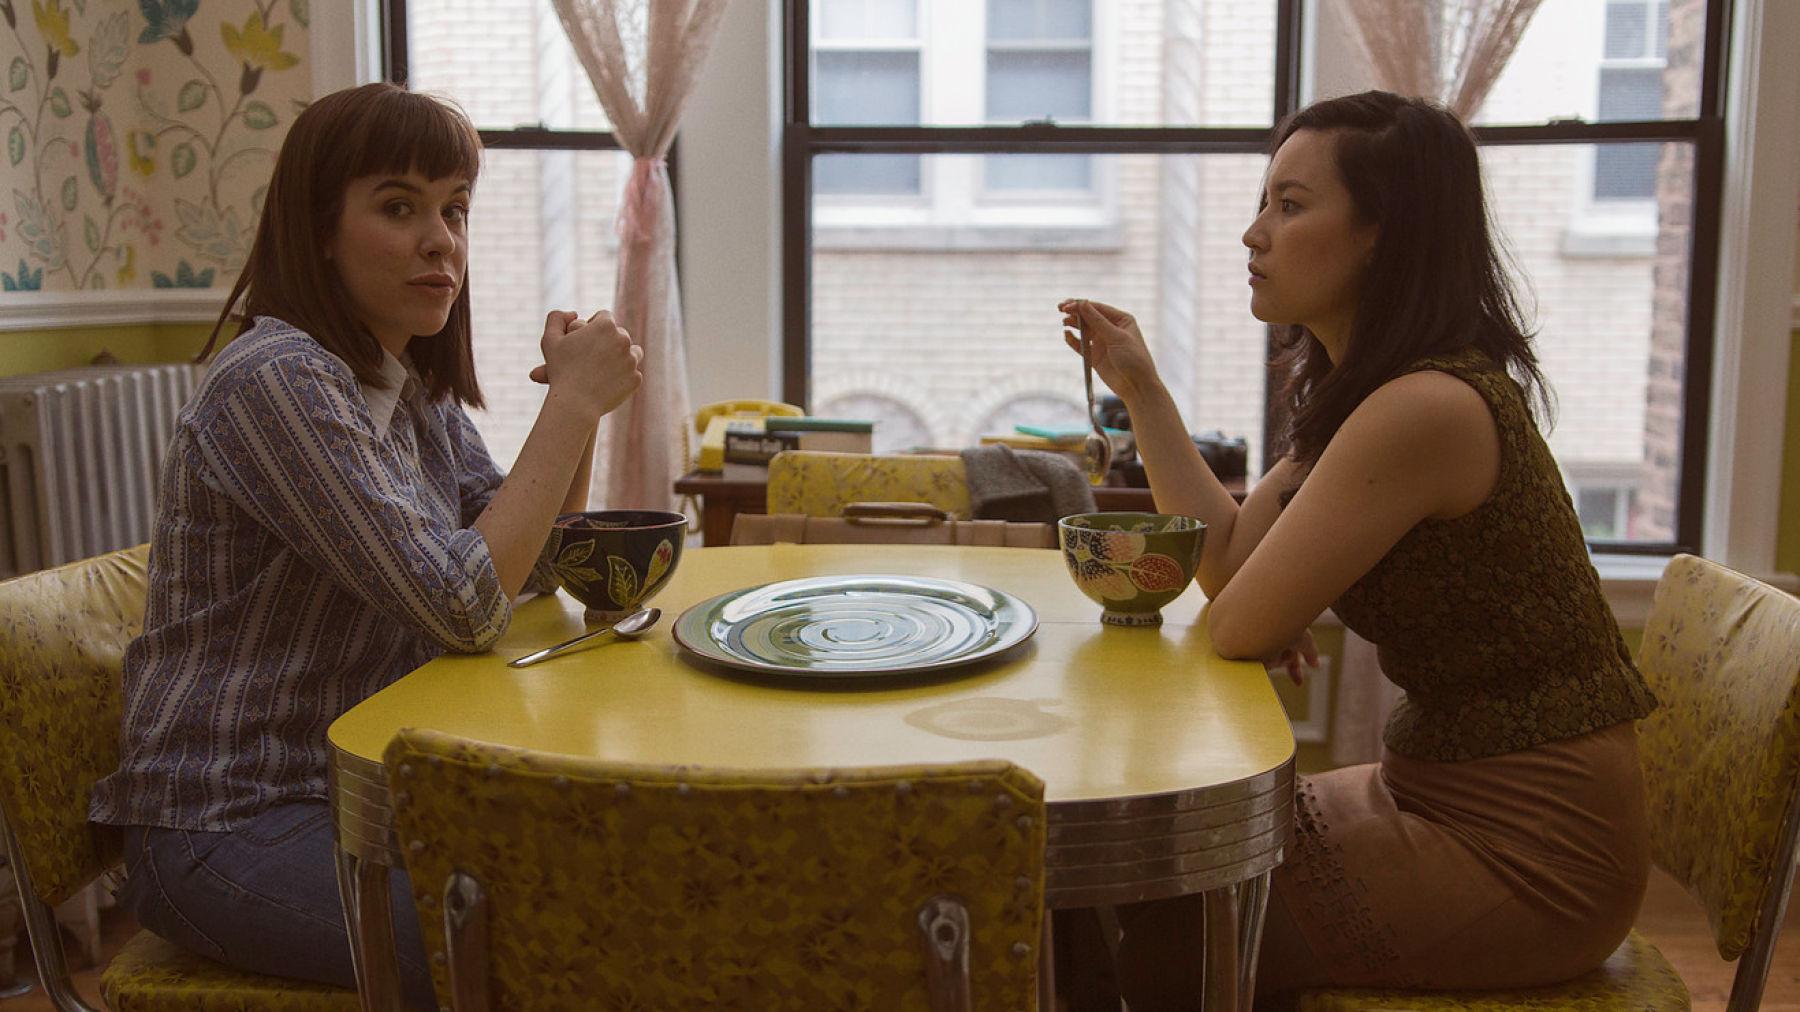 Lesbian date night